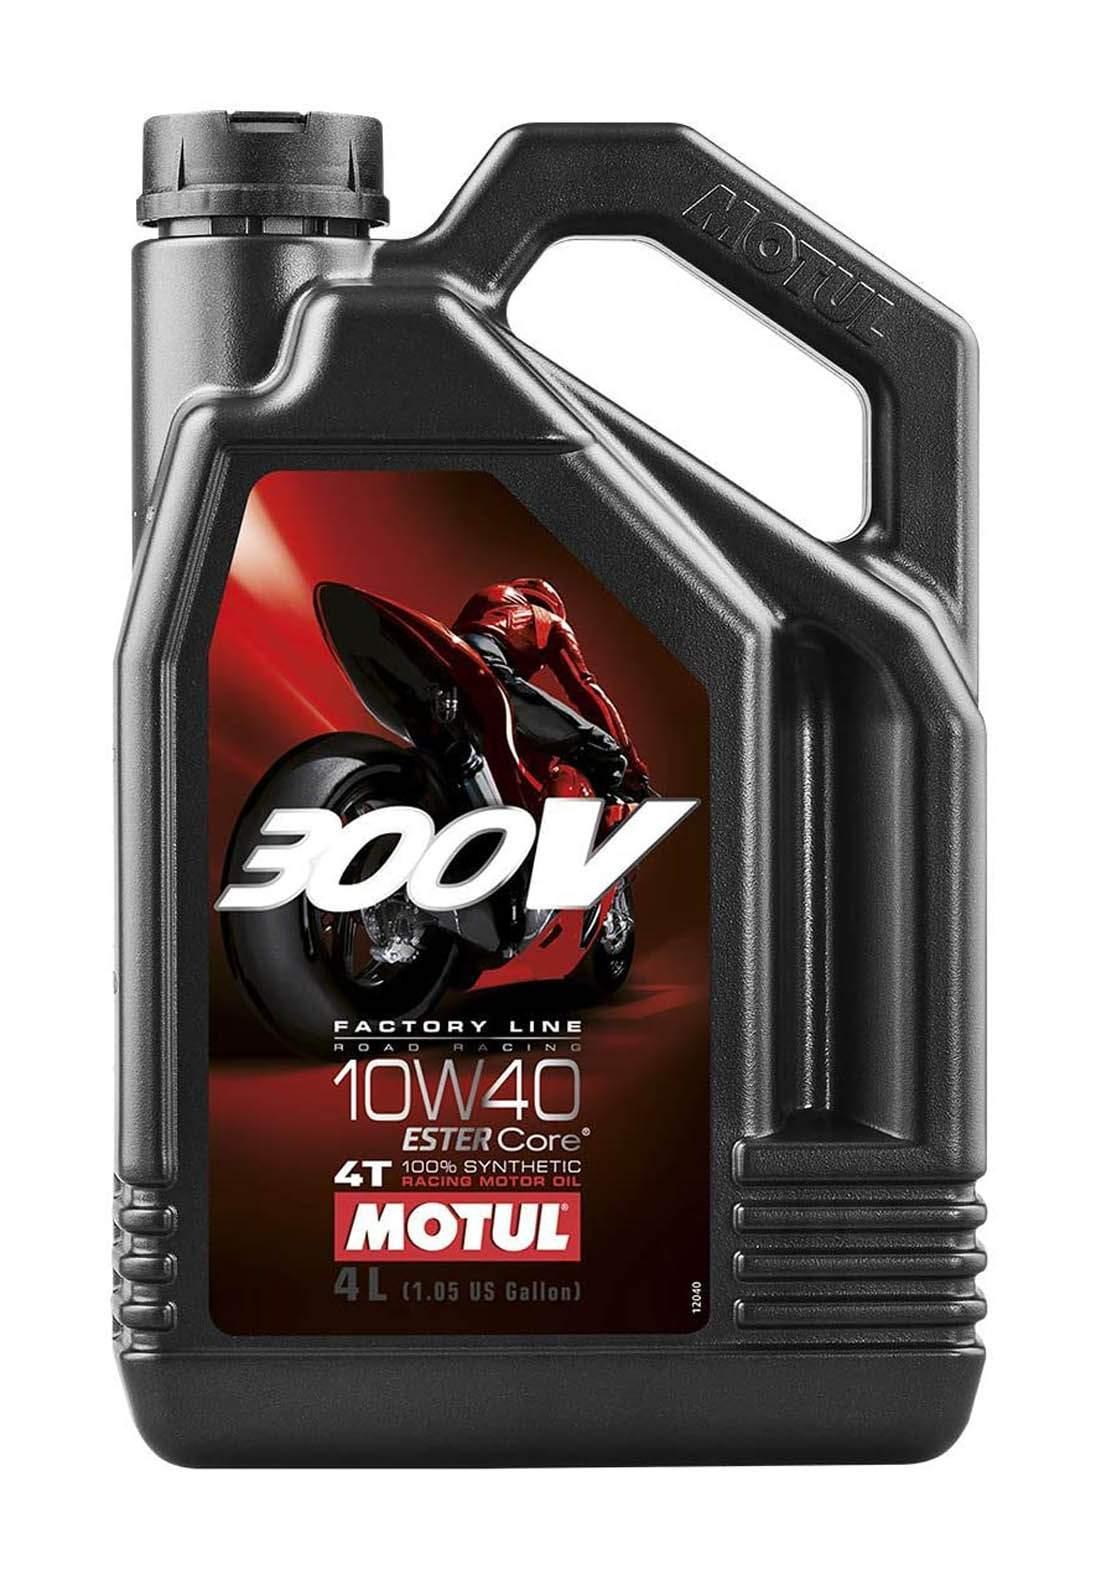 Motul 300v 10w40 4T Factory Line Road Racing Motor Oil 4 زيت محرك السيارة والدراجة